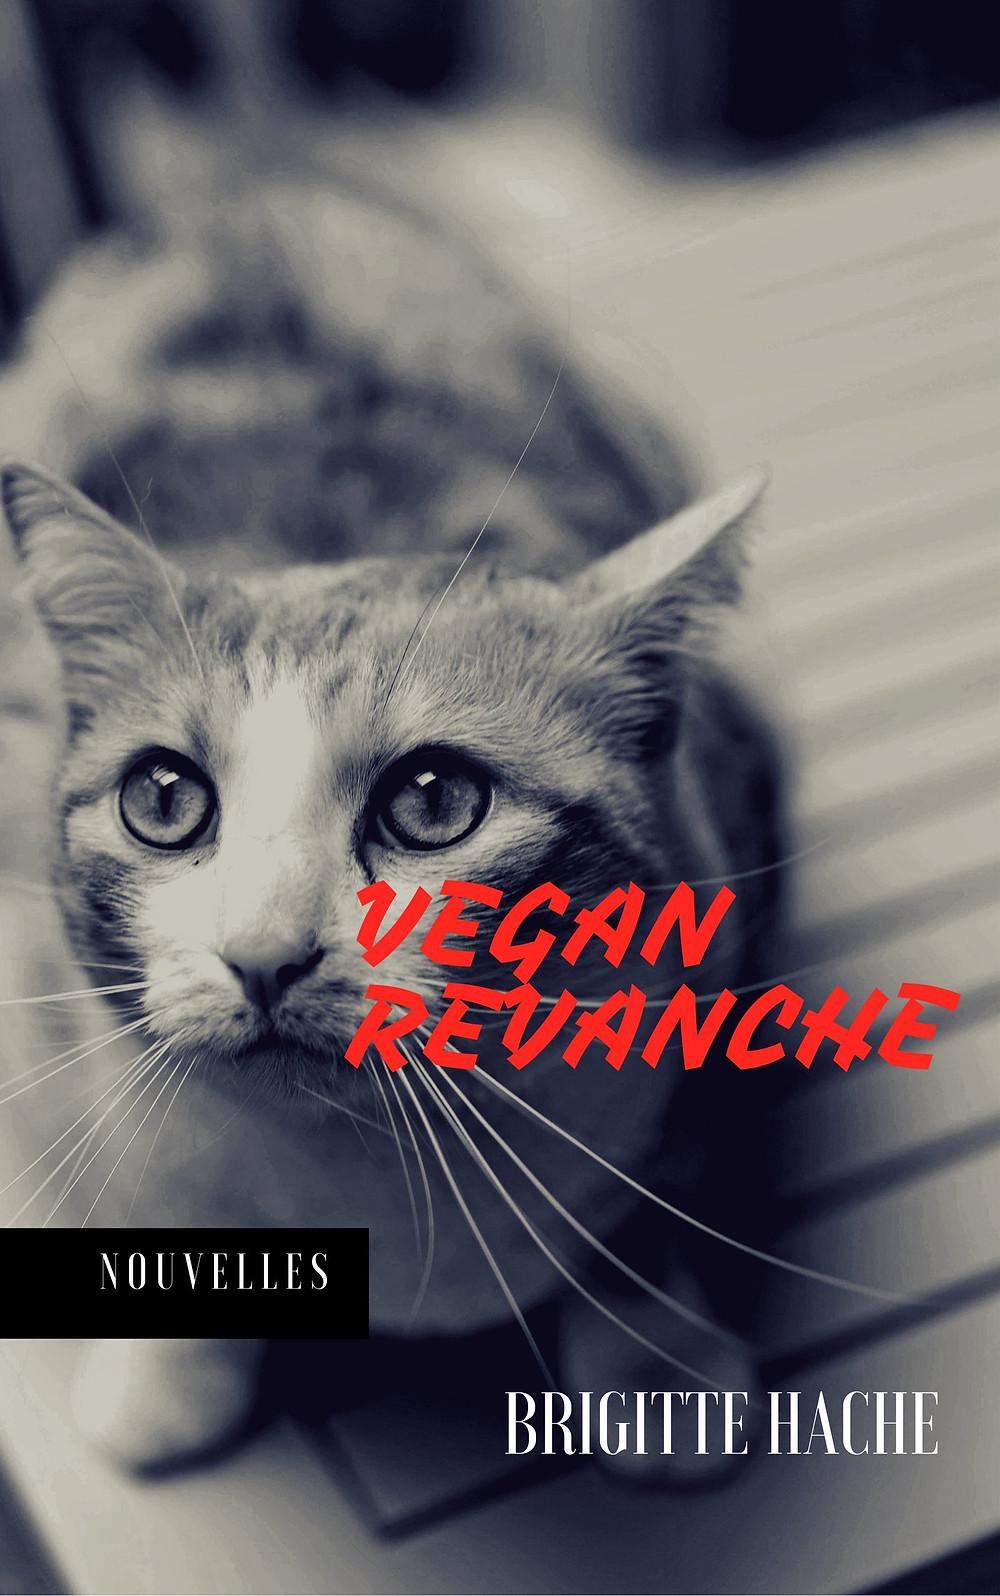 Vegan Revanche nouvelles livre Brigitte Hache animal